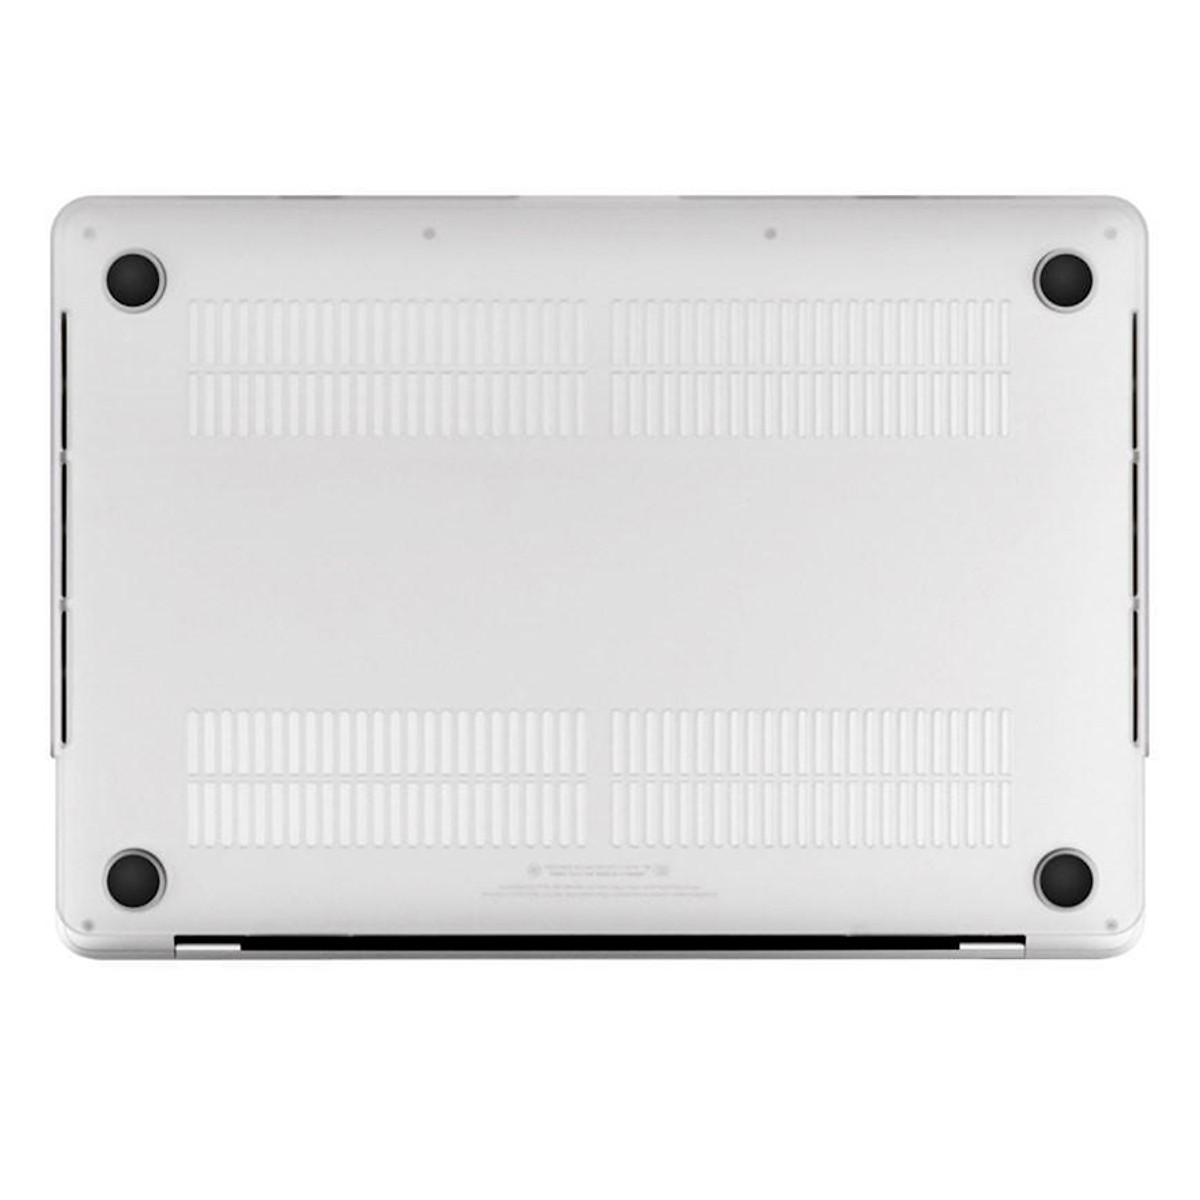 """Ốp Lưng JCPAL Macguard UltraThin Cho Macbook pro 15.4"""" Retina (A1398) - Hàng Chính hãng"""